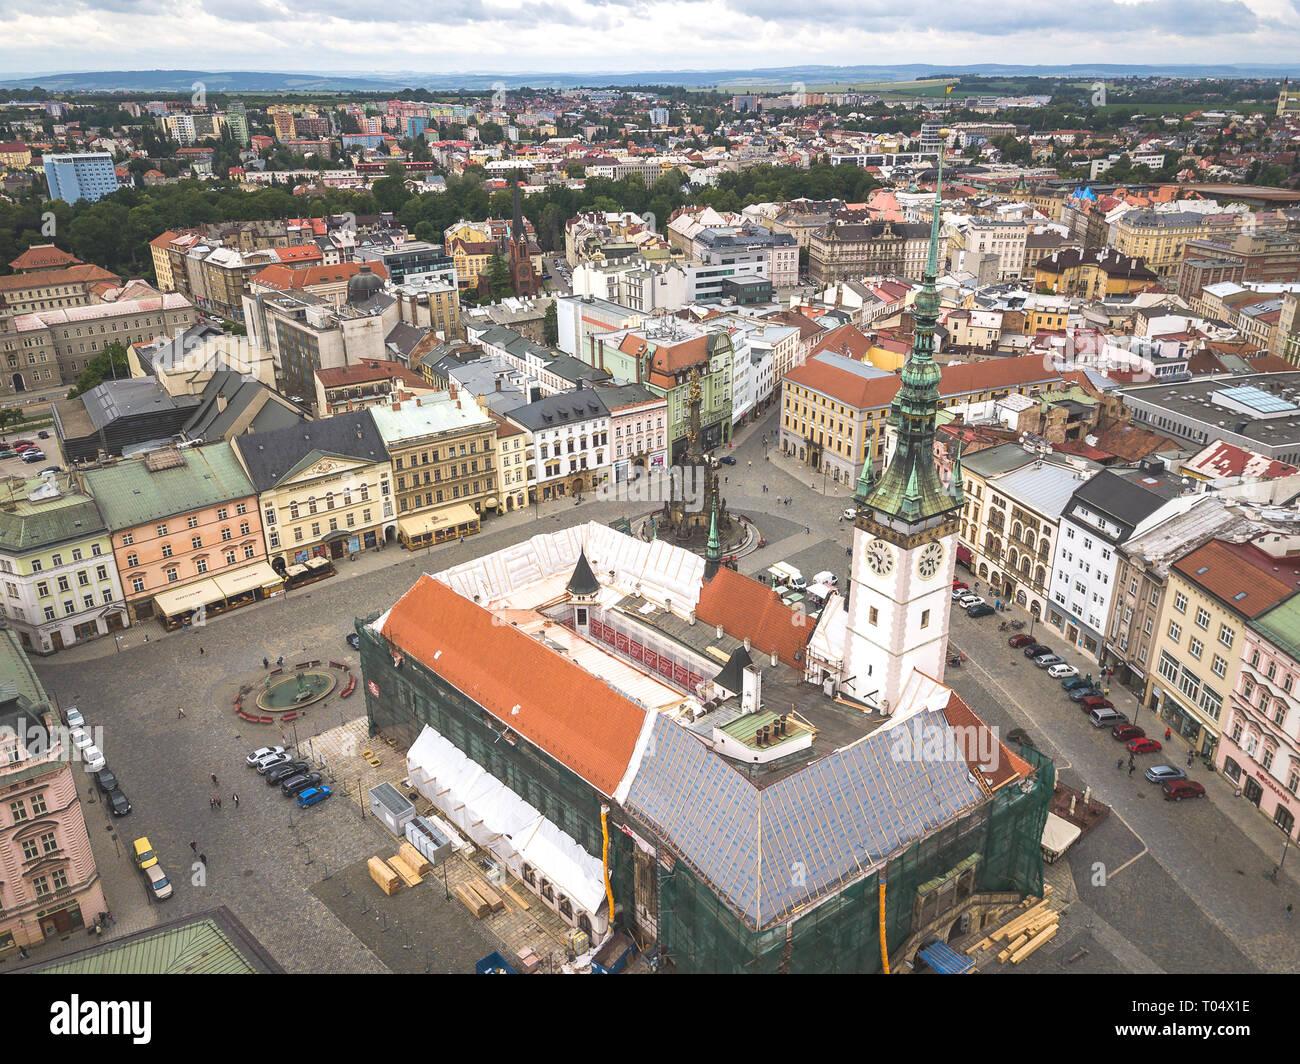 Aerial of Upper square in city of Olomouc (Holomóc or Olomóc, Olmütz, Olomucium, Iuliomontium, Ołomuniec) in Czech Republic. - Stock Image